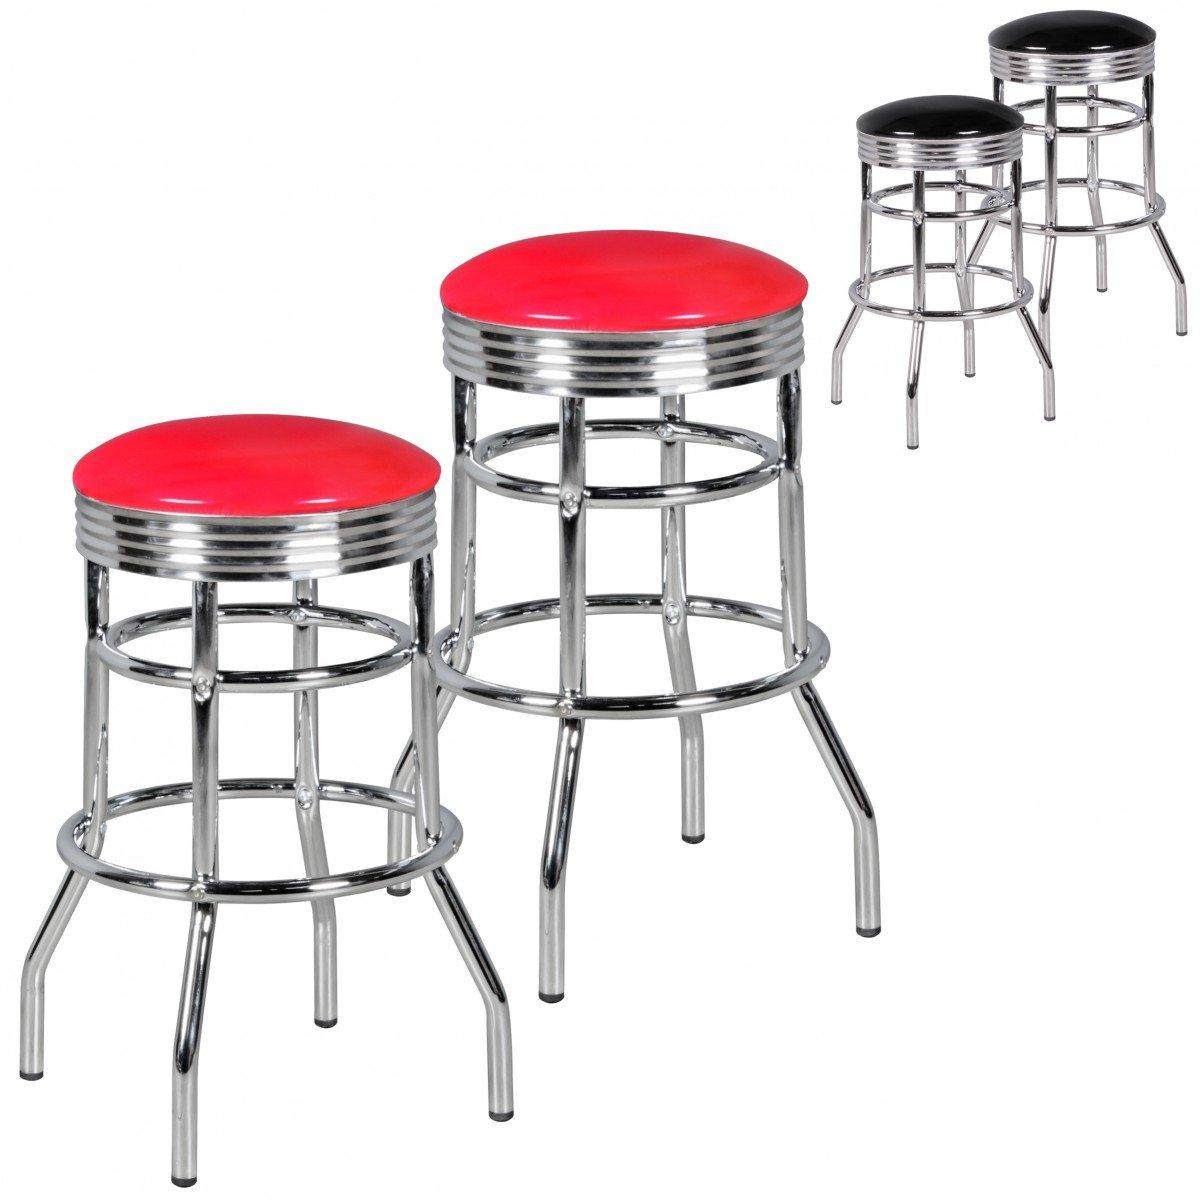 FineBuy 2er Set Barhocker King American Diner Retro Design Kunstleder Metall in rot   Design Barstuhl Retro 50er Jahre 2 Stück   Tresenhocker Sitzhöhe 71 cm